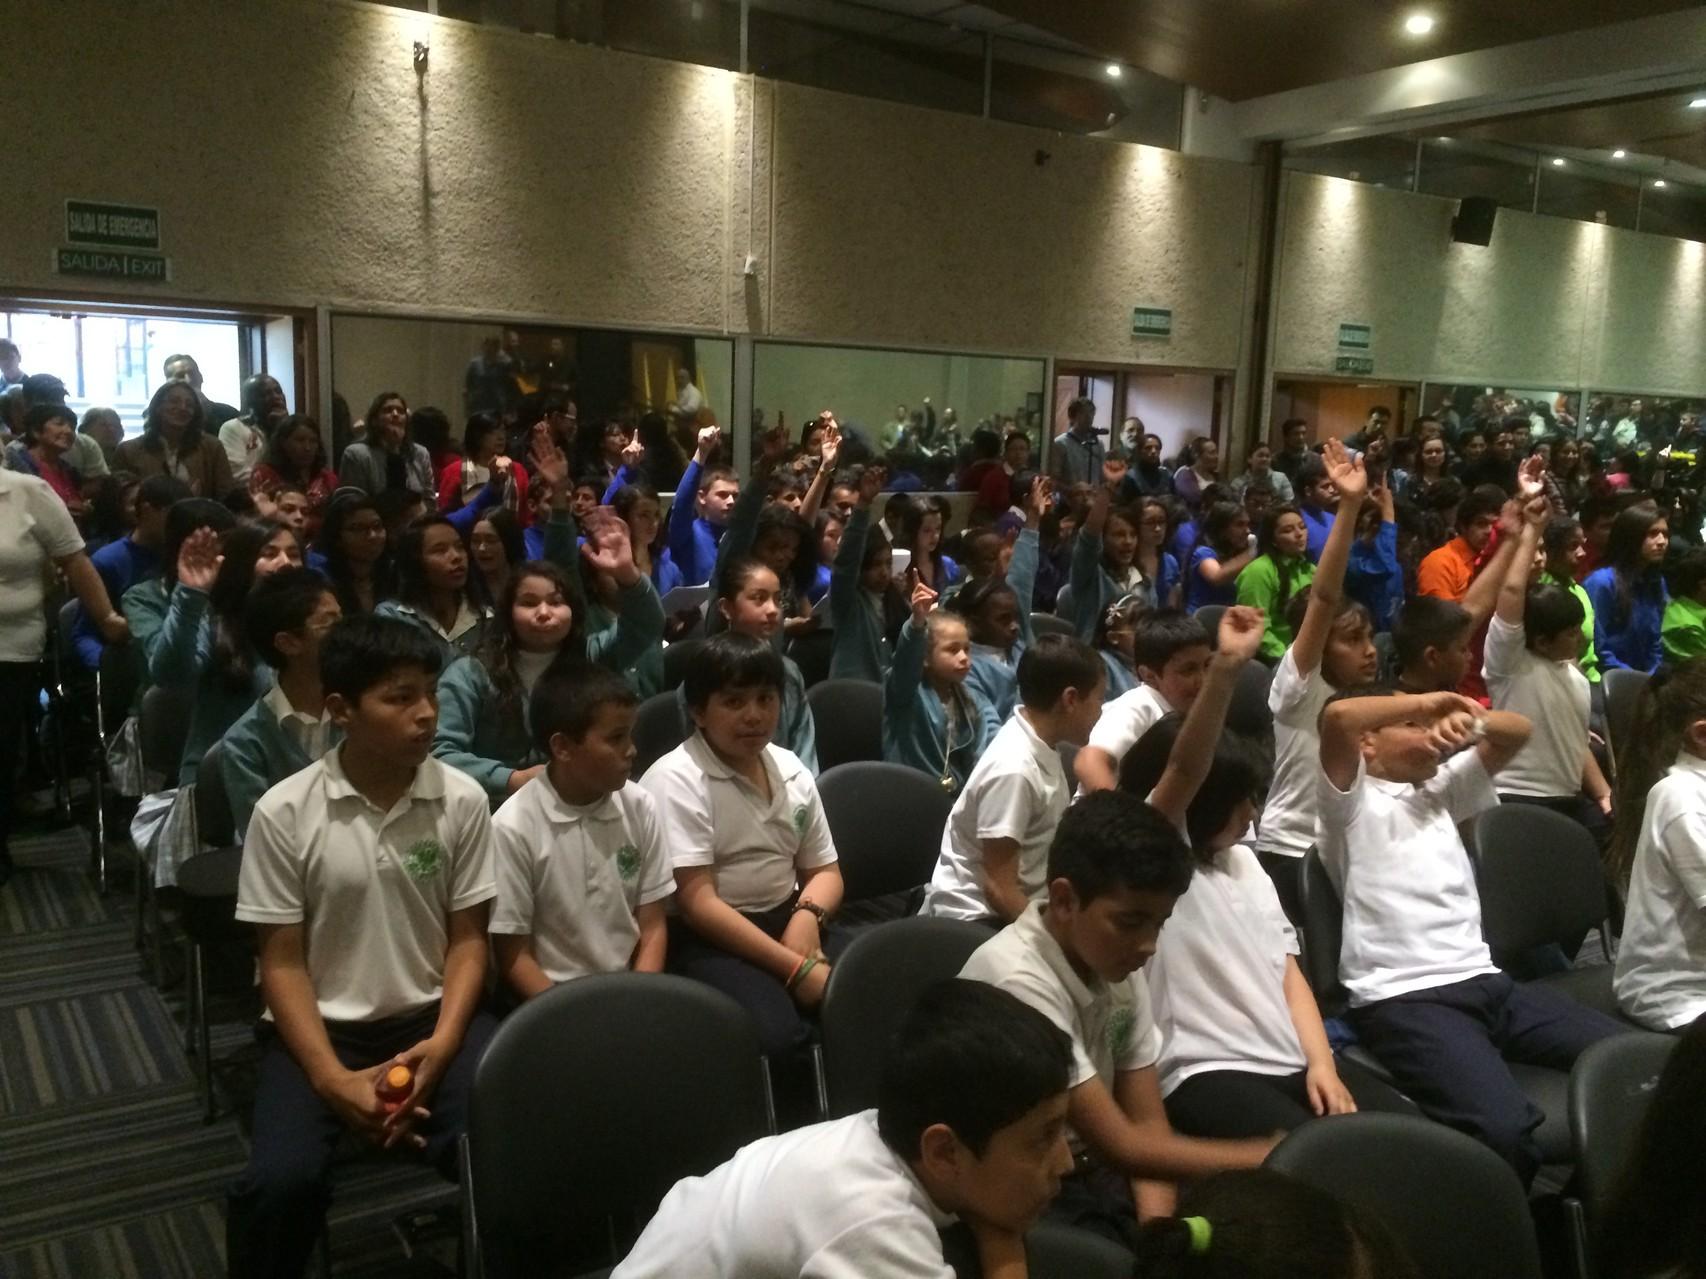 Presentación Encuentro de Coros de la Especialización en Dirección de Coros Infantiles y Juveniles de la Pontificia Universidad Javeriana 10 de Mayo de 2014